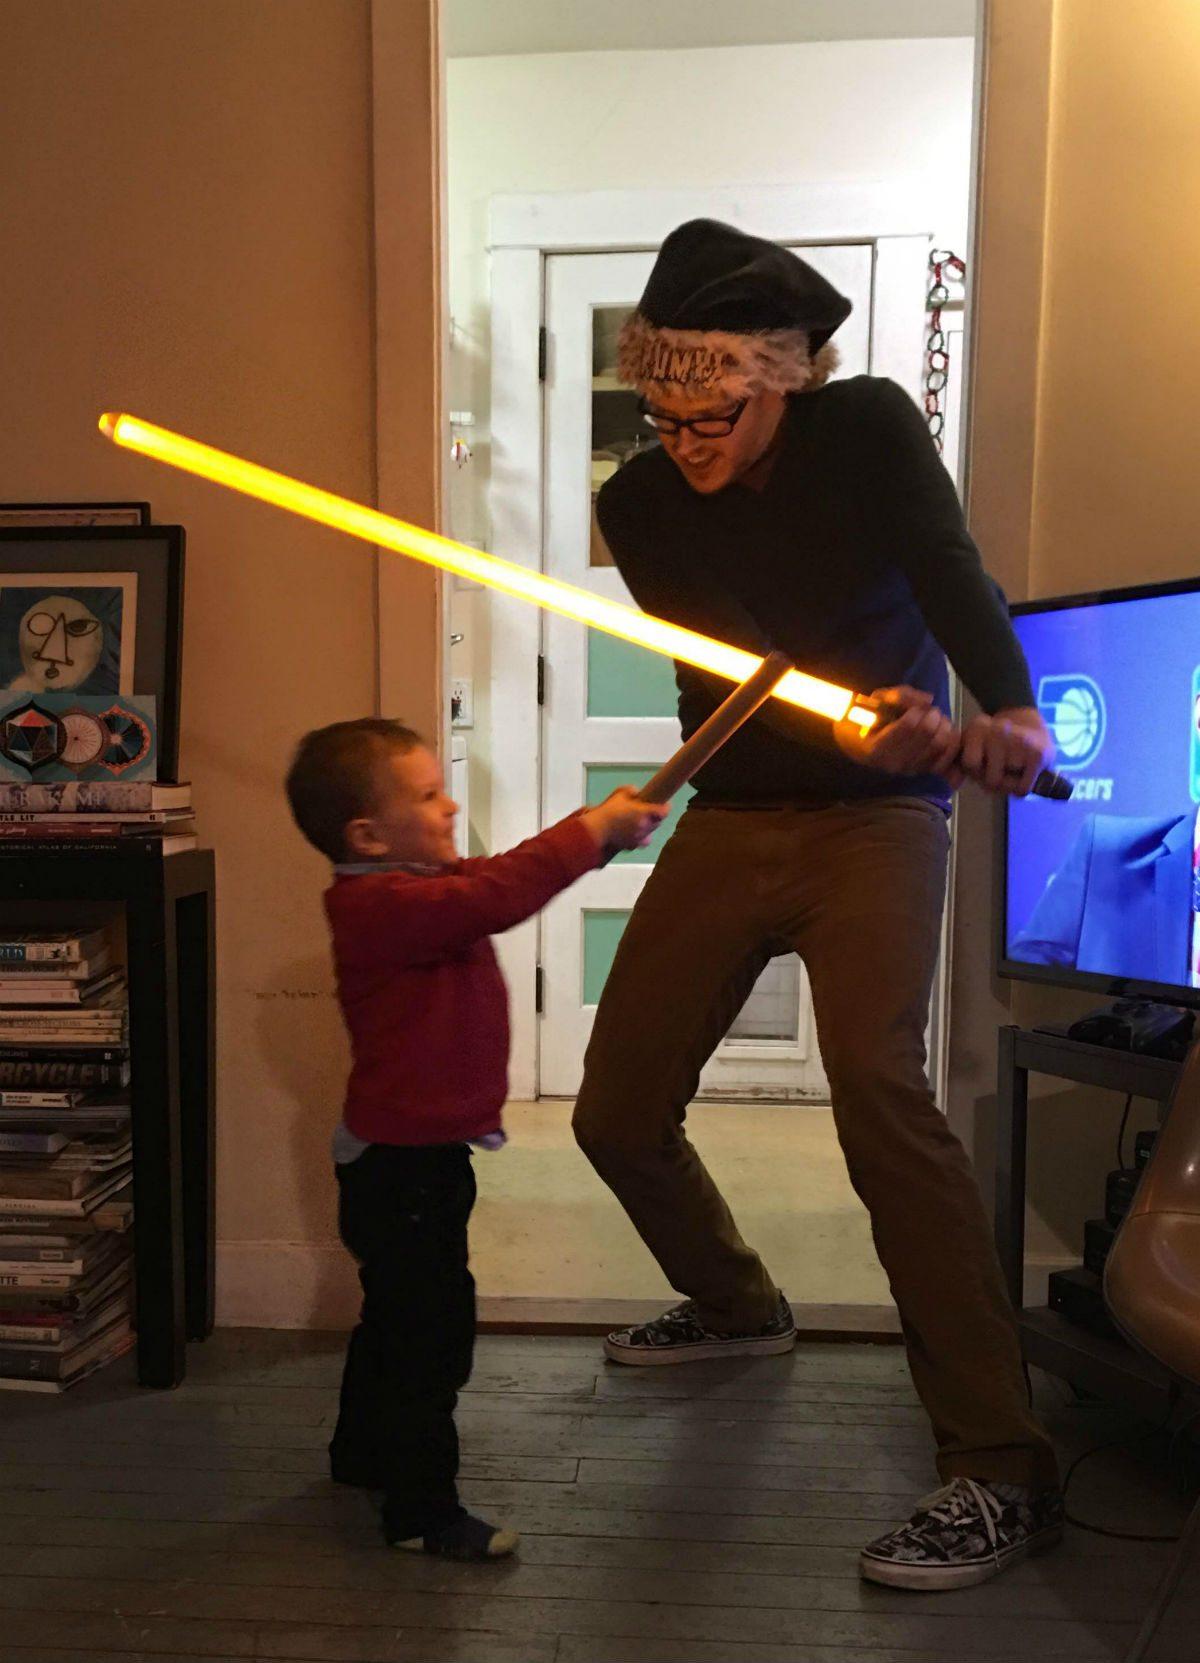 Proper light saber technique: don't hit the TV! Photo by Sarah James